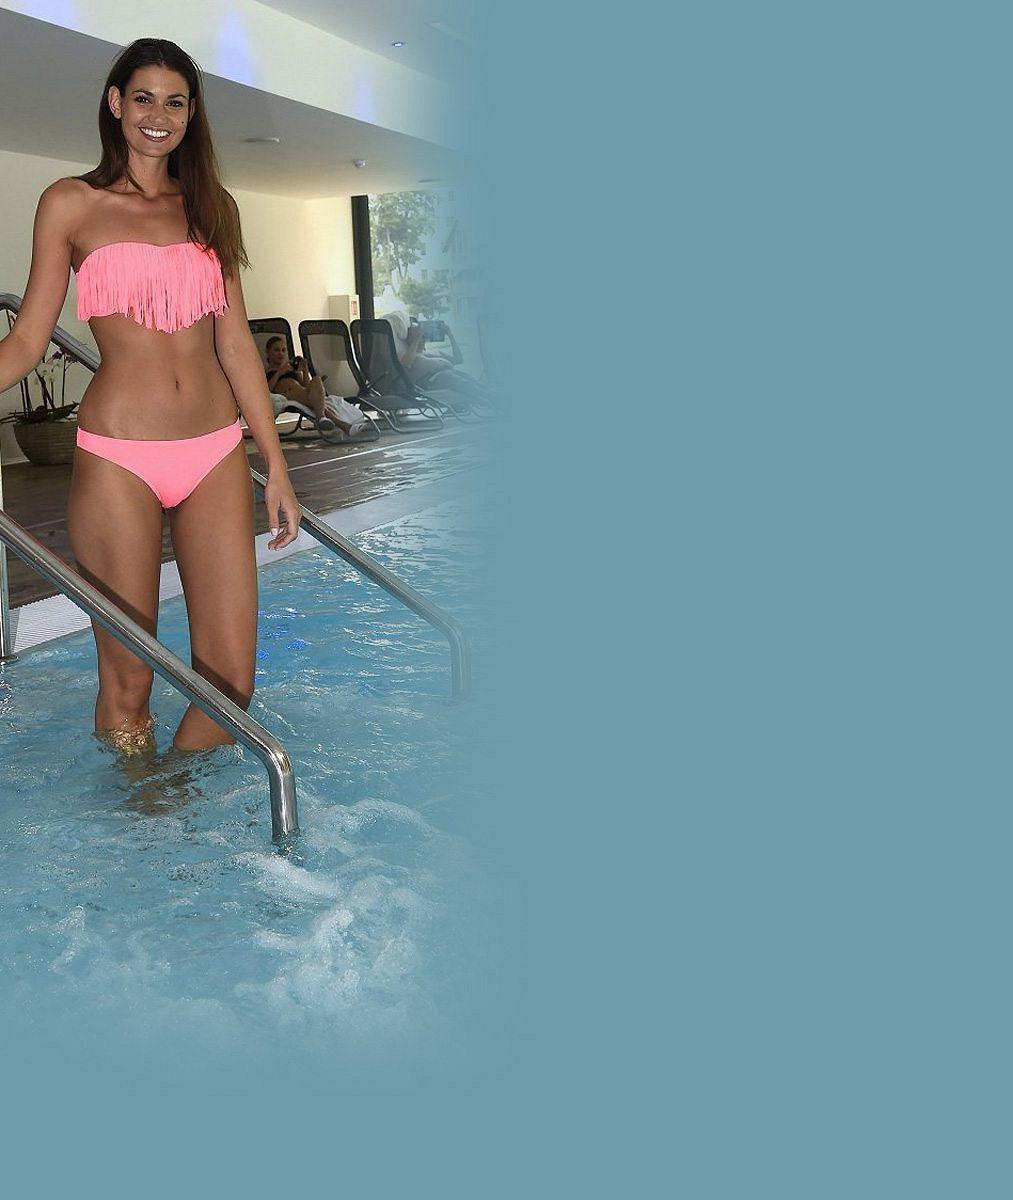 Tenhle zadeček patří známé české sexy modelce: Kráska se jím pochlubila v plavkách